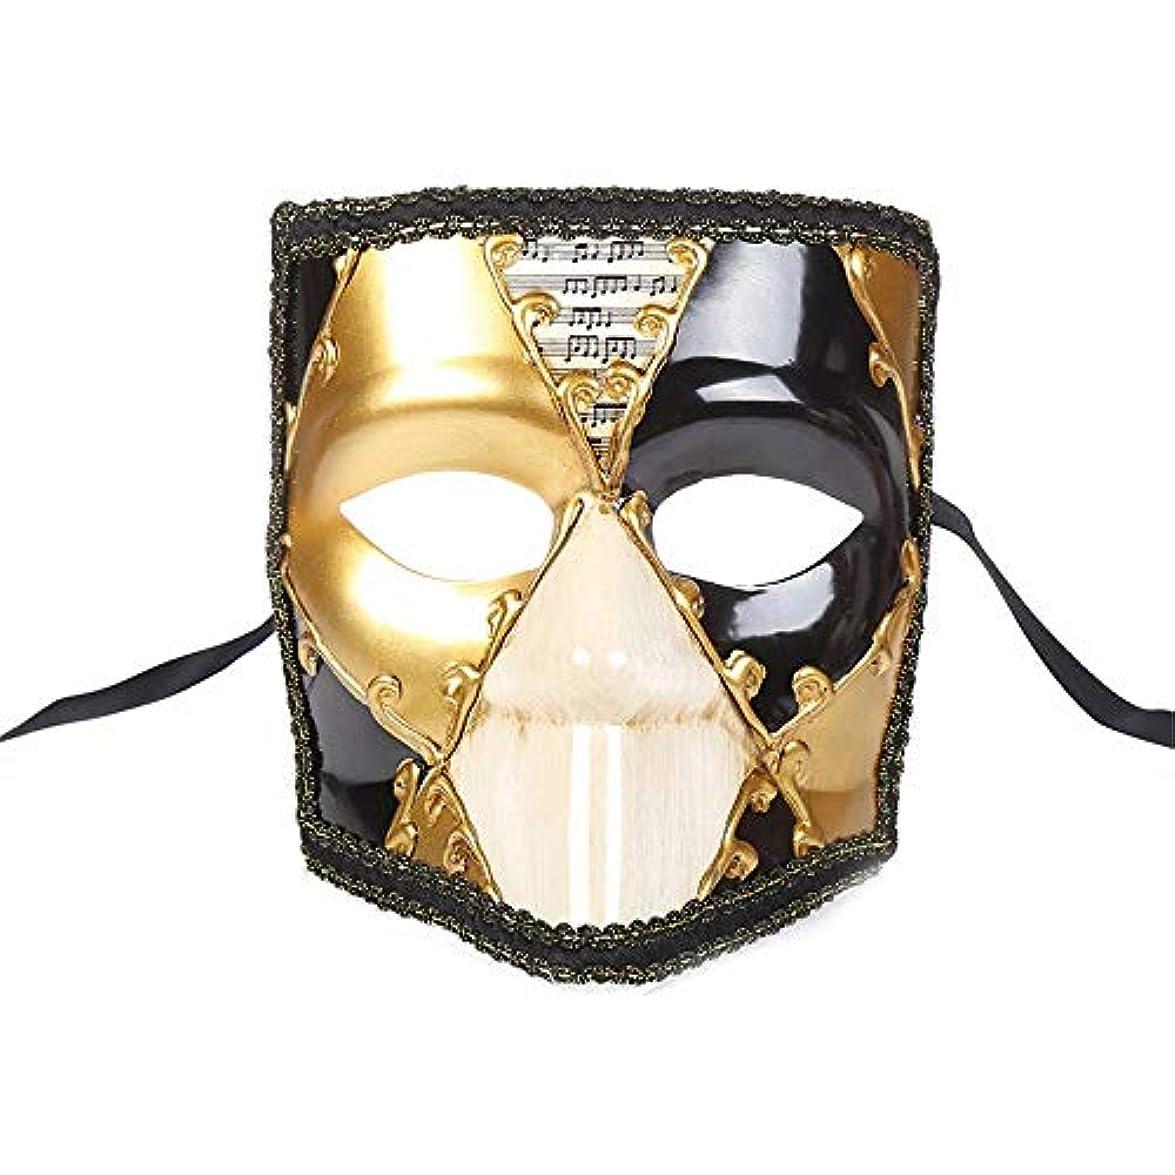 歴史家ハンディキャップラベンダーダンスマスク ピエロマスクヴィンテージマスカレードショーデコレーションコスプレナイトクラブプラスチック厚いマスク パーティーマスク (色 : 黄, サイズ : 18x15cm)